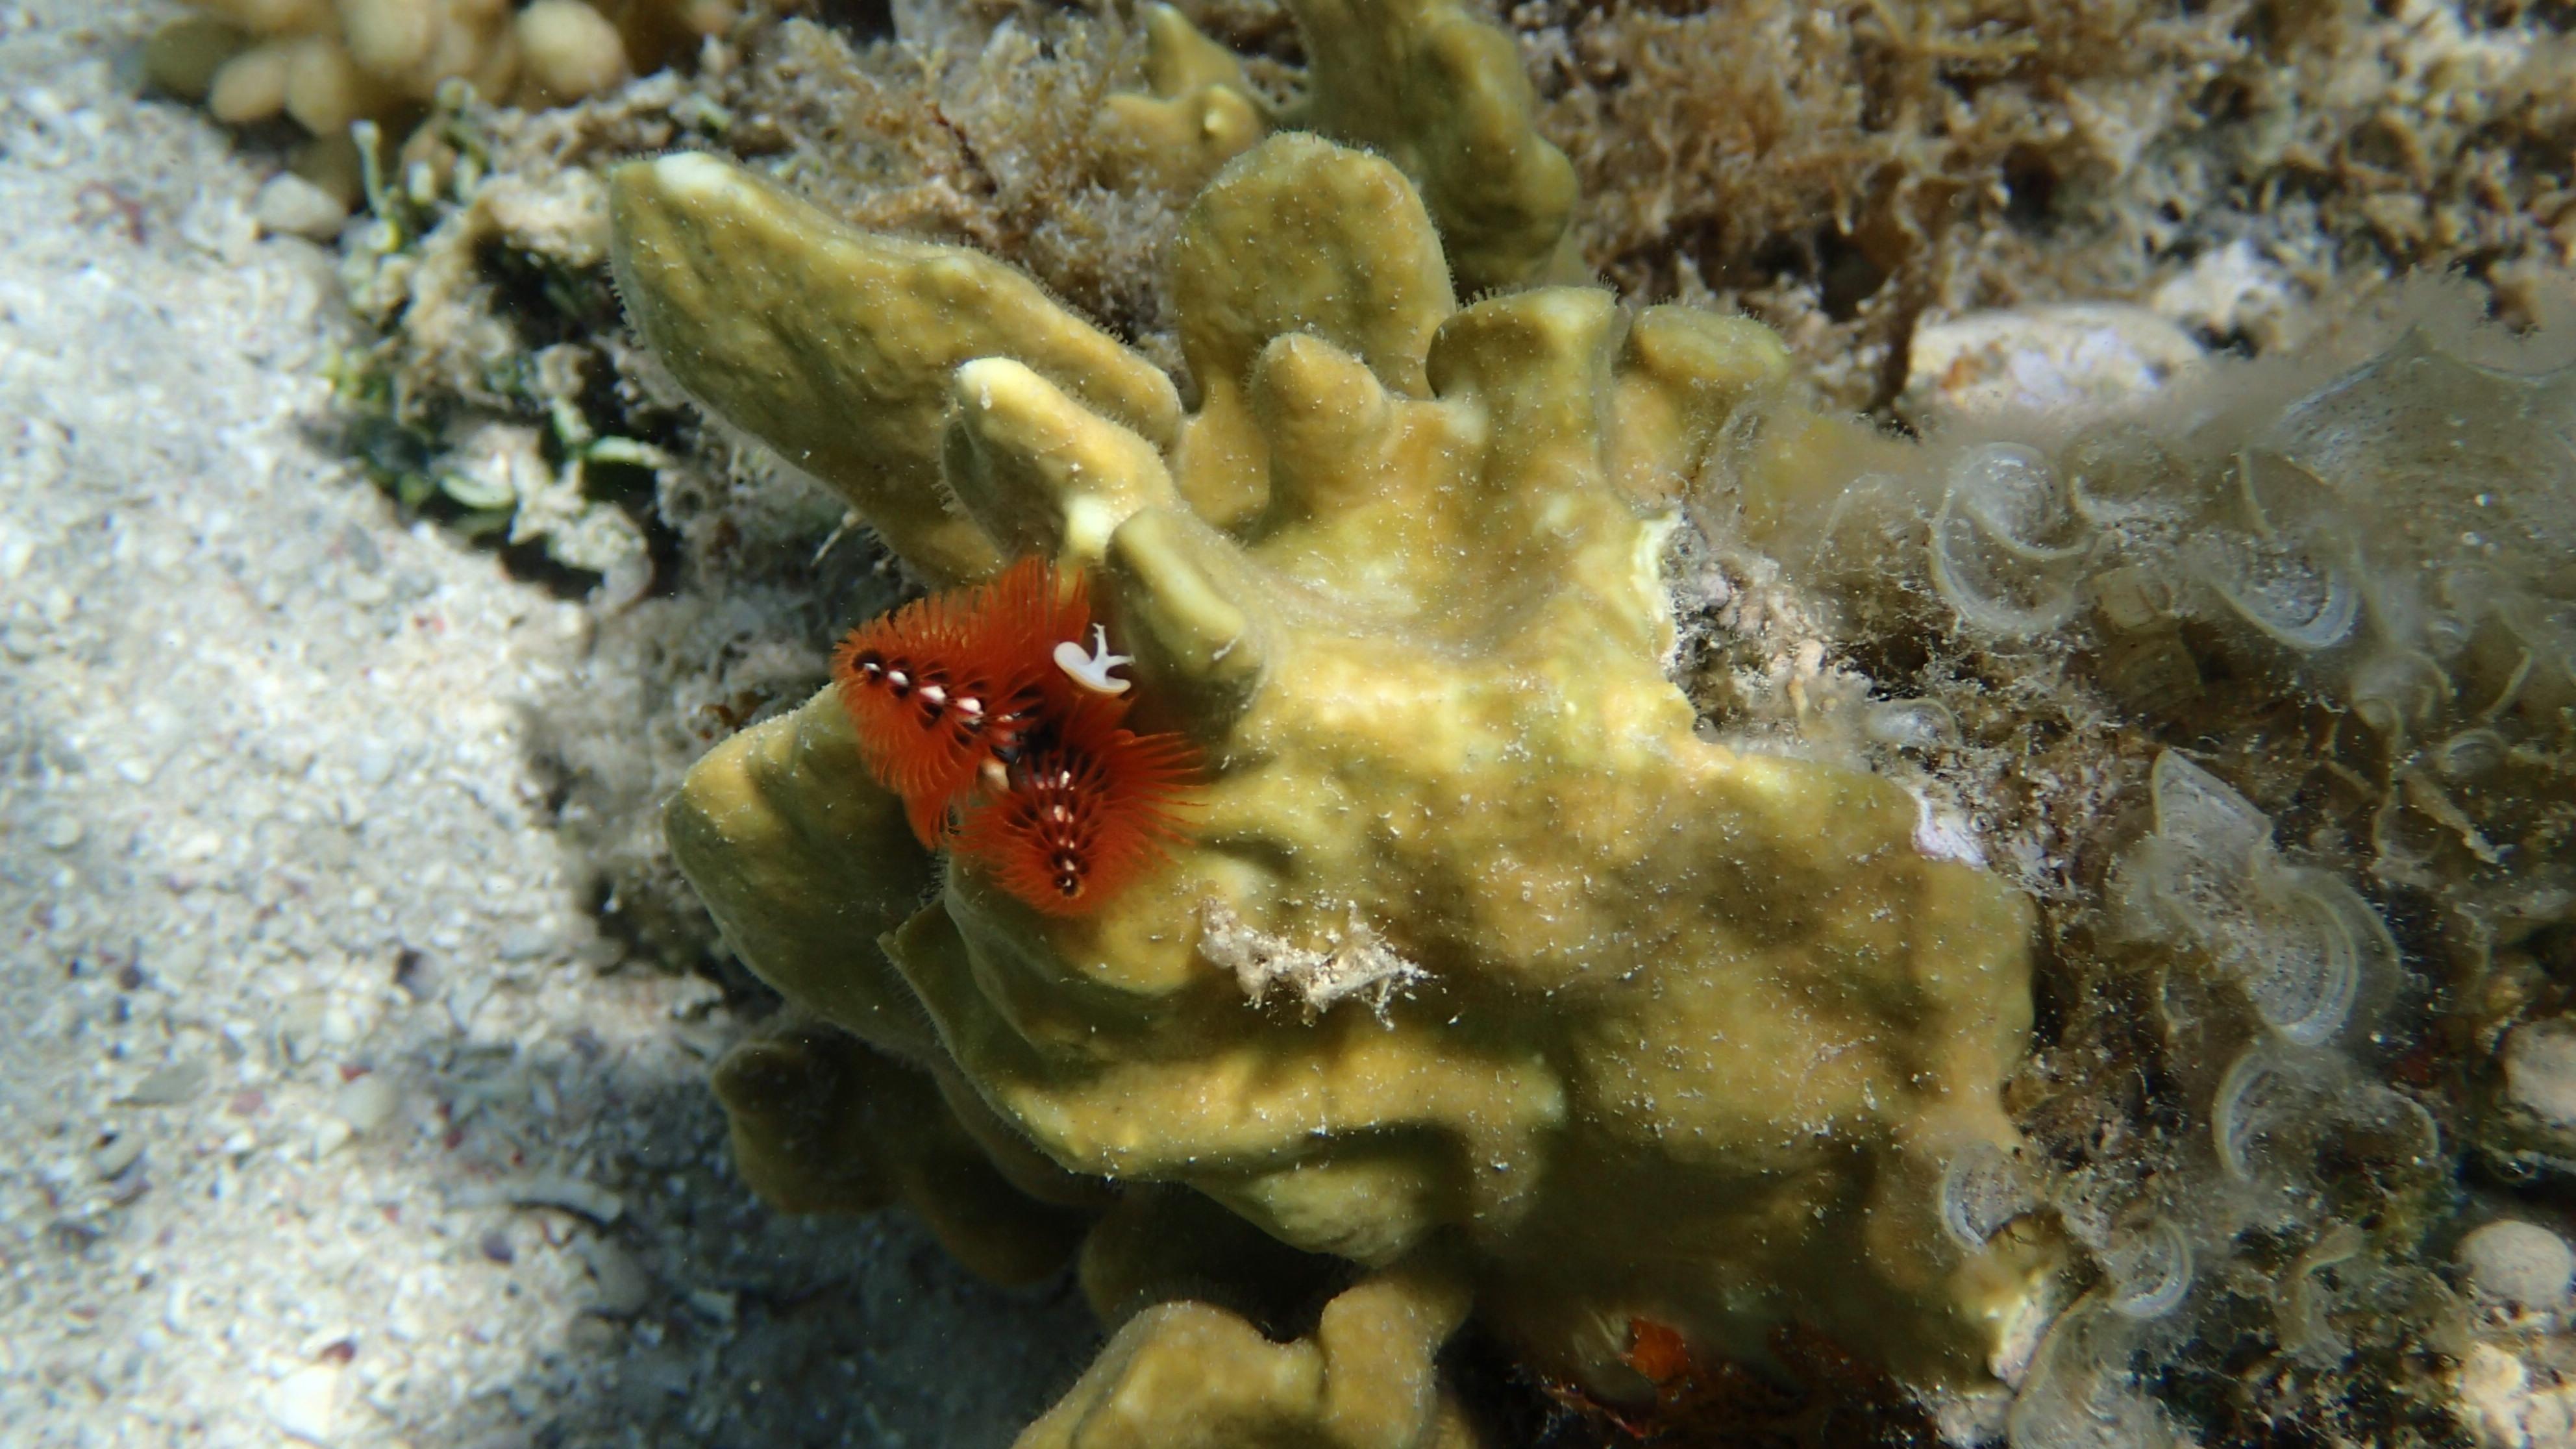 Червь-полихет Спиробранхус или Рождественская ёлка (лат.Spirobranchus giganteus, анг.Christmas tree worm)